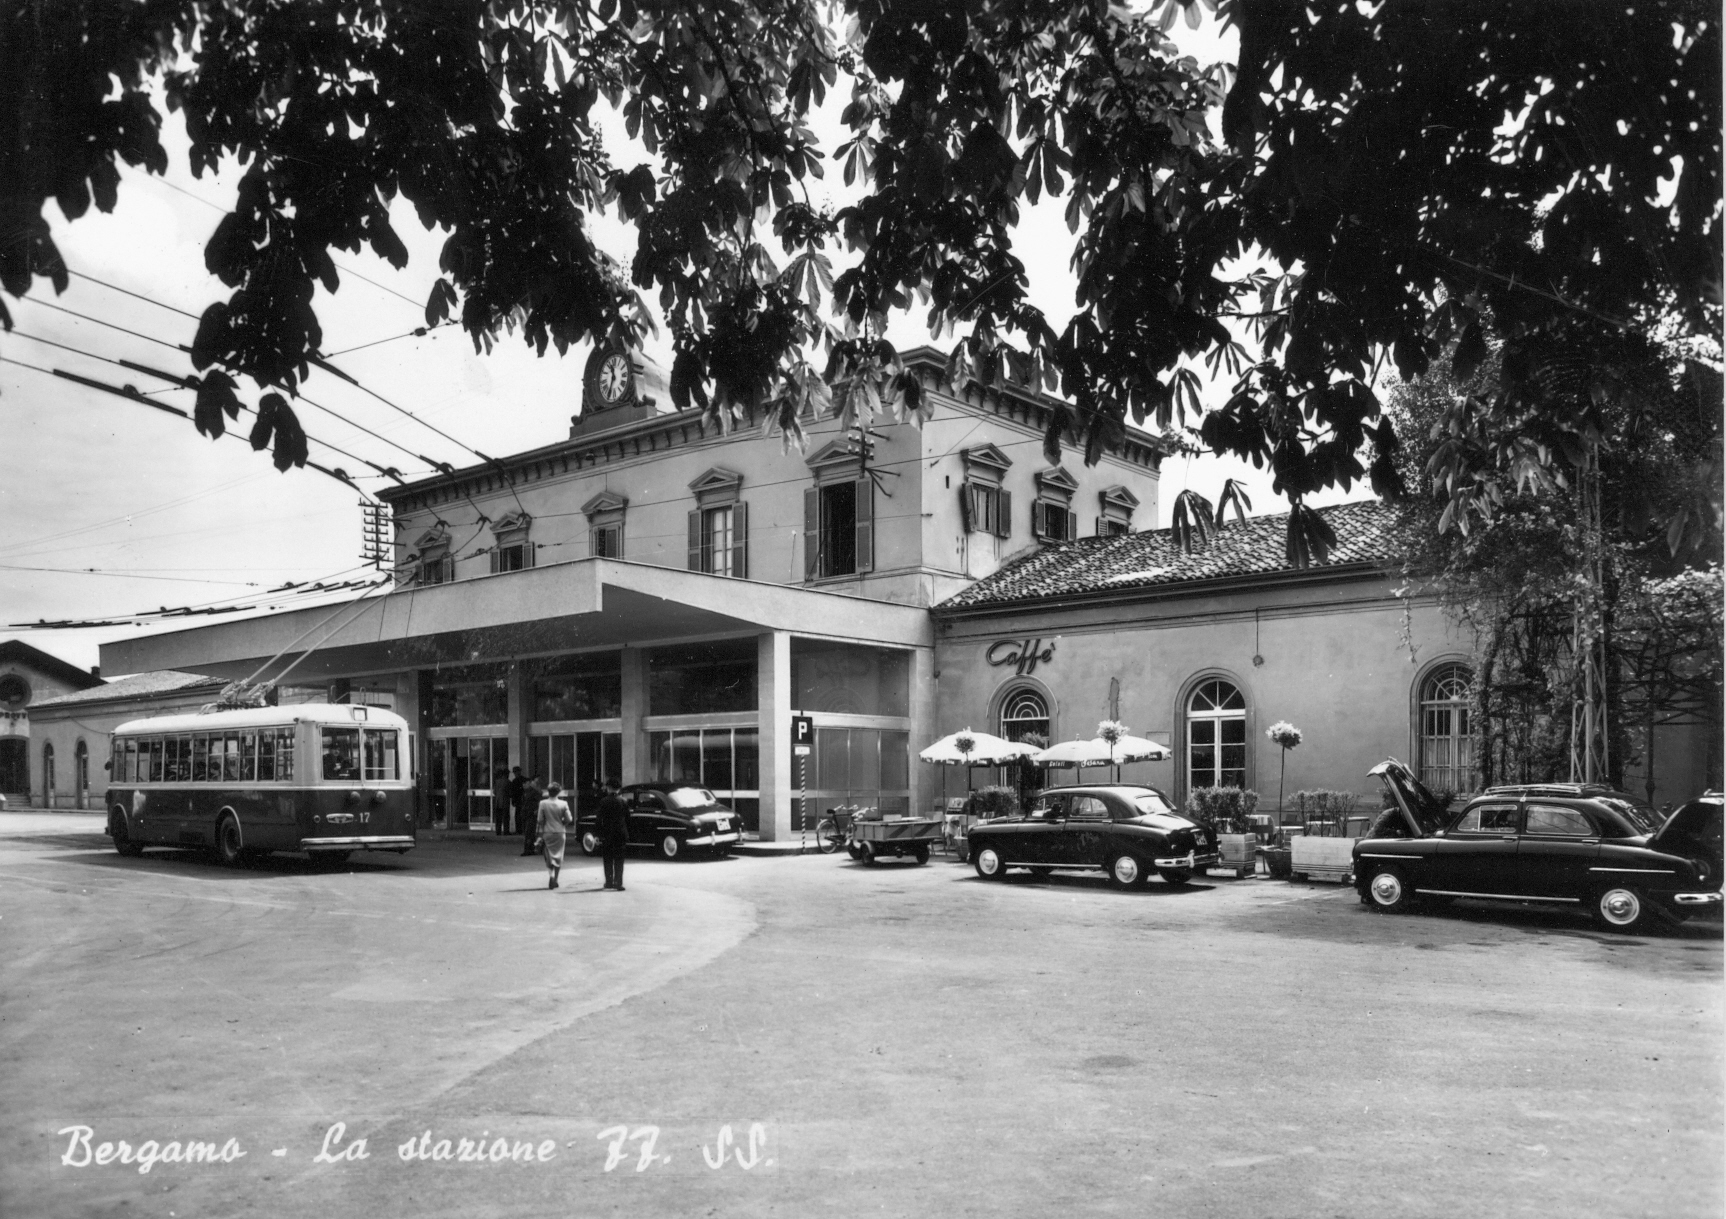 Stazione di Bergamo nel secondo dopoguerra